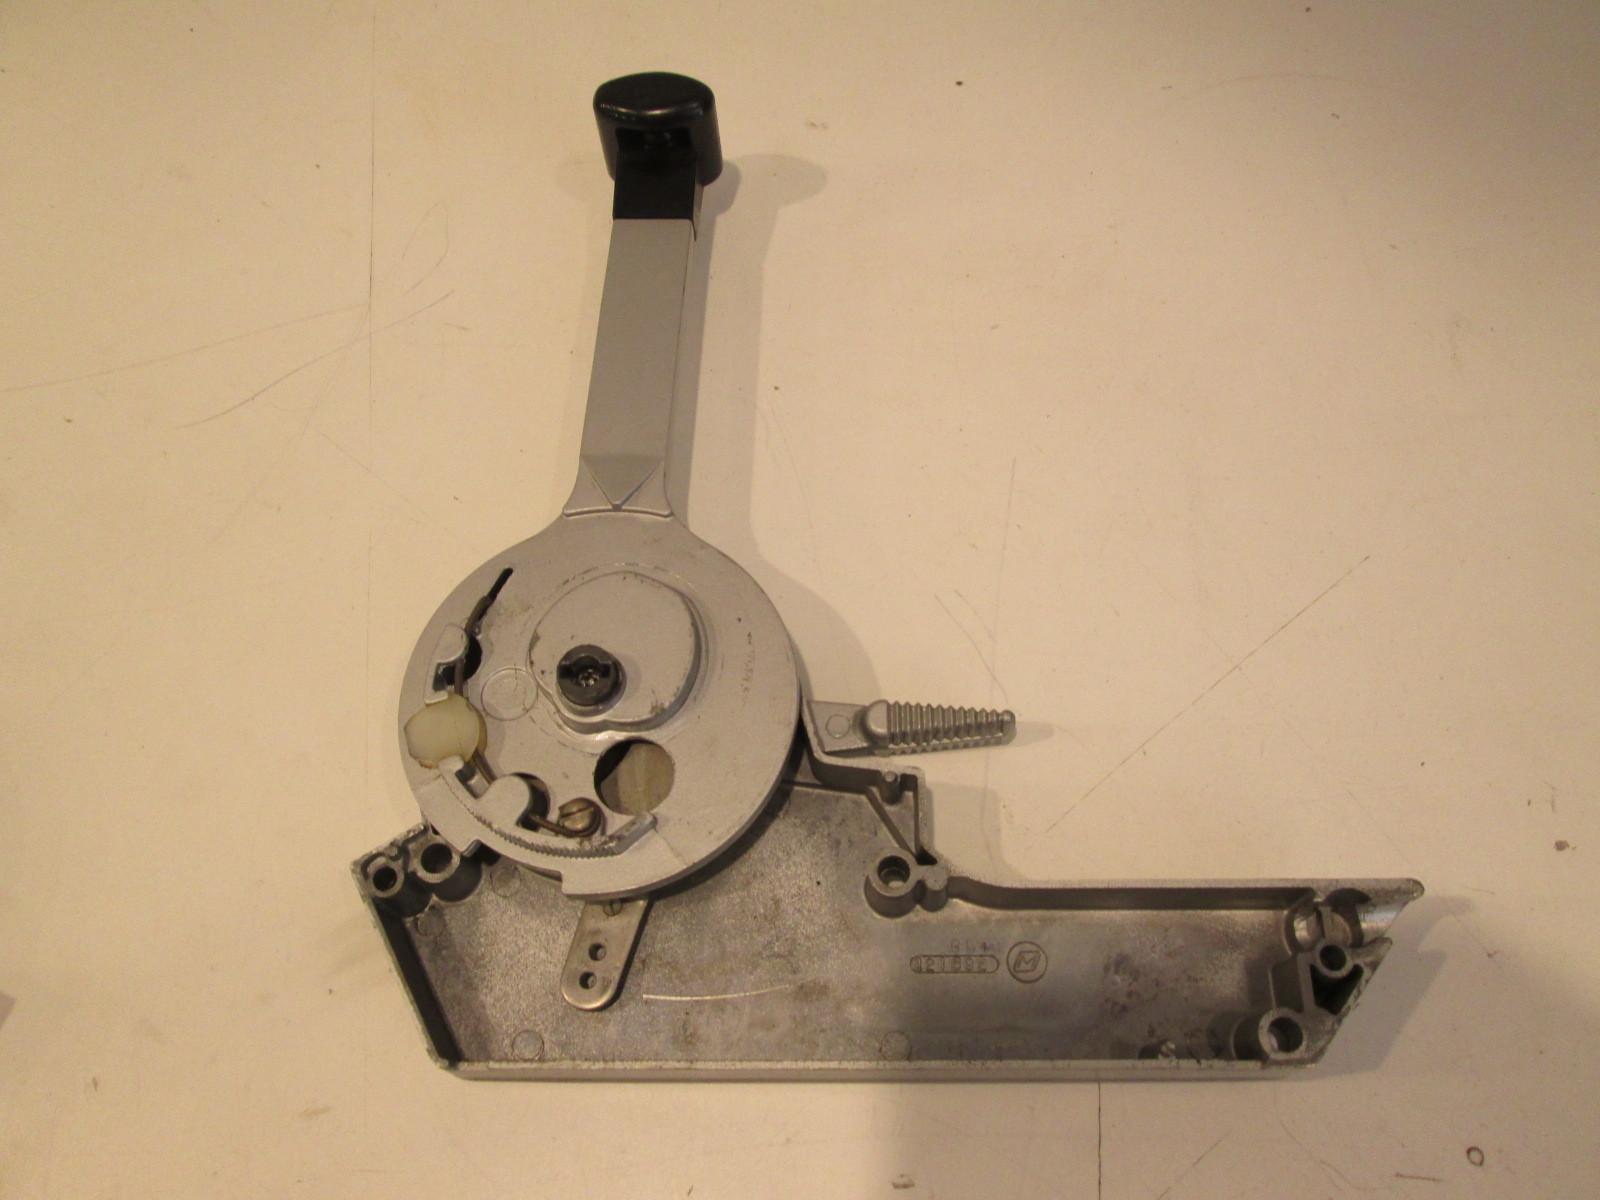 Omc Single Lever Control : S vintage omc evinrude johnson single lever remote